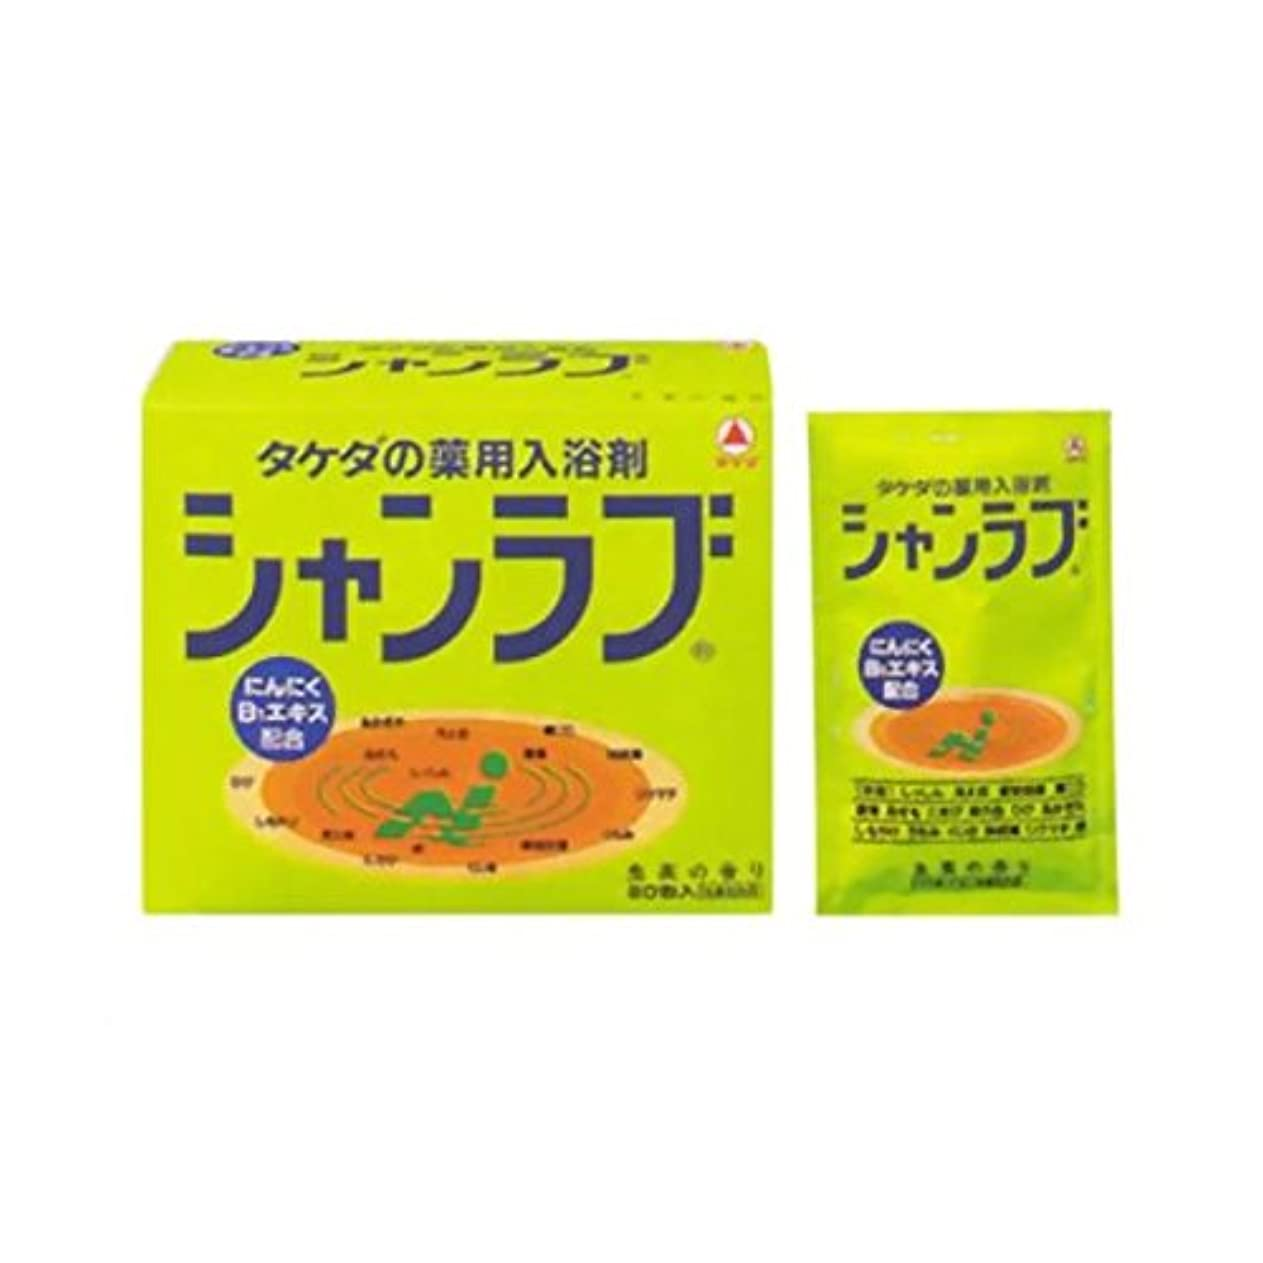 識別階好ましい【2個】 シャンラブ 生薬の香り (30g×30包)x2個 (4987123129640)